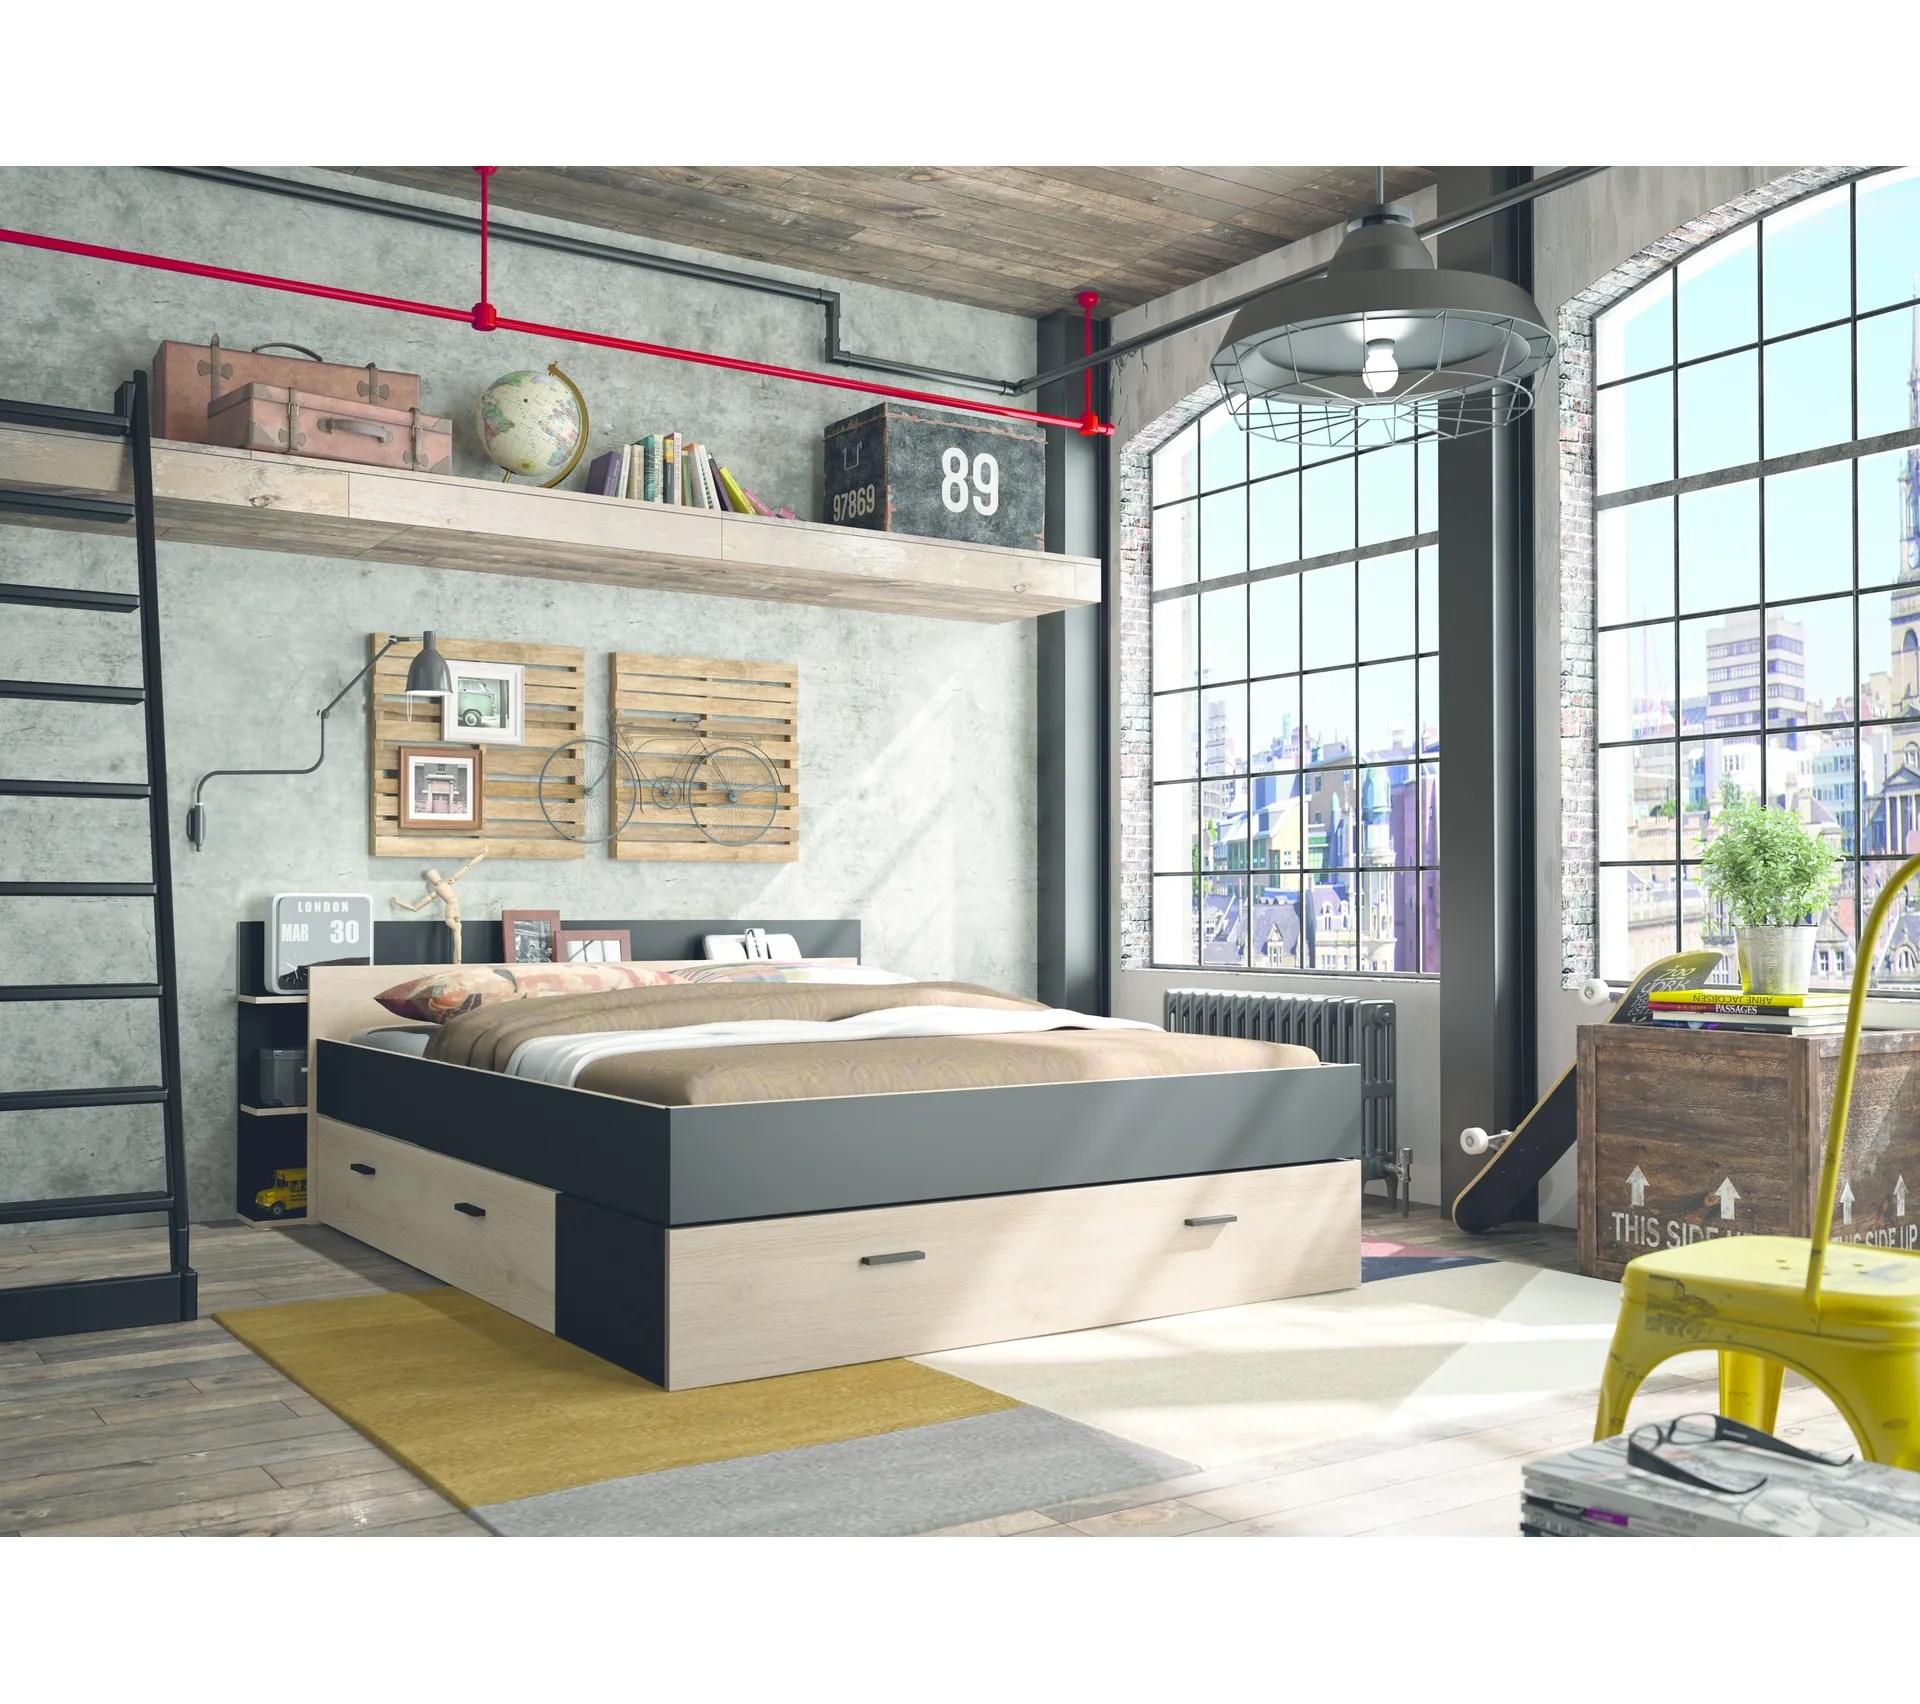 lit avec rangements 160x200 cm tonight style industriel imitation chene et noir